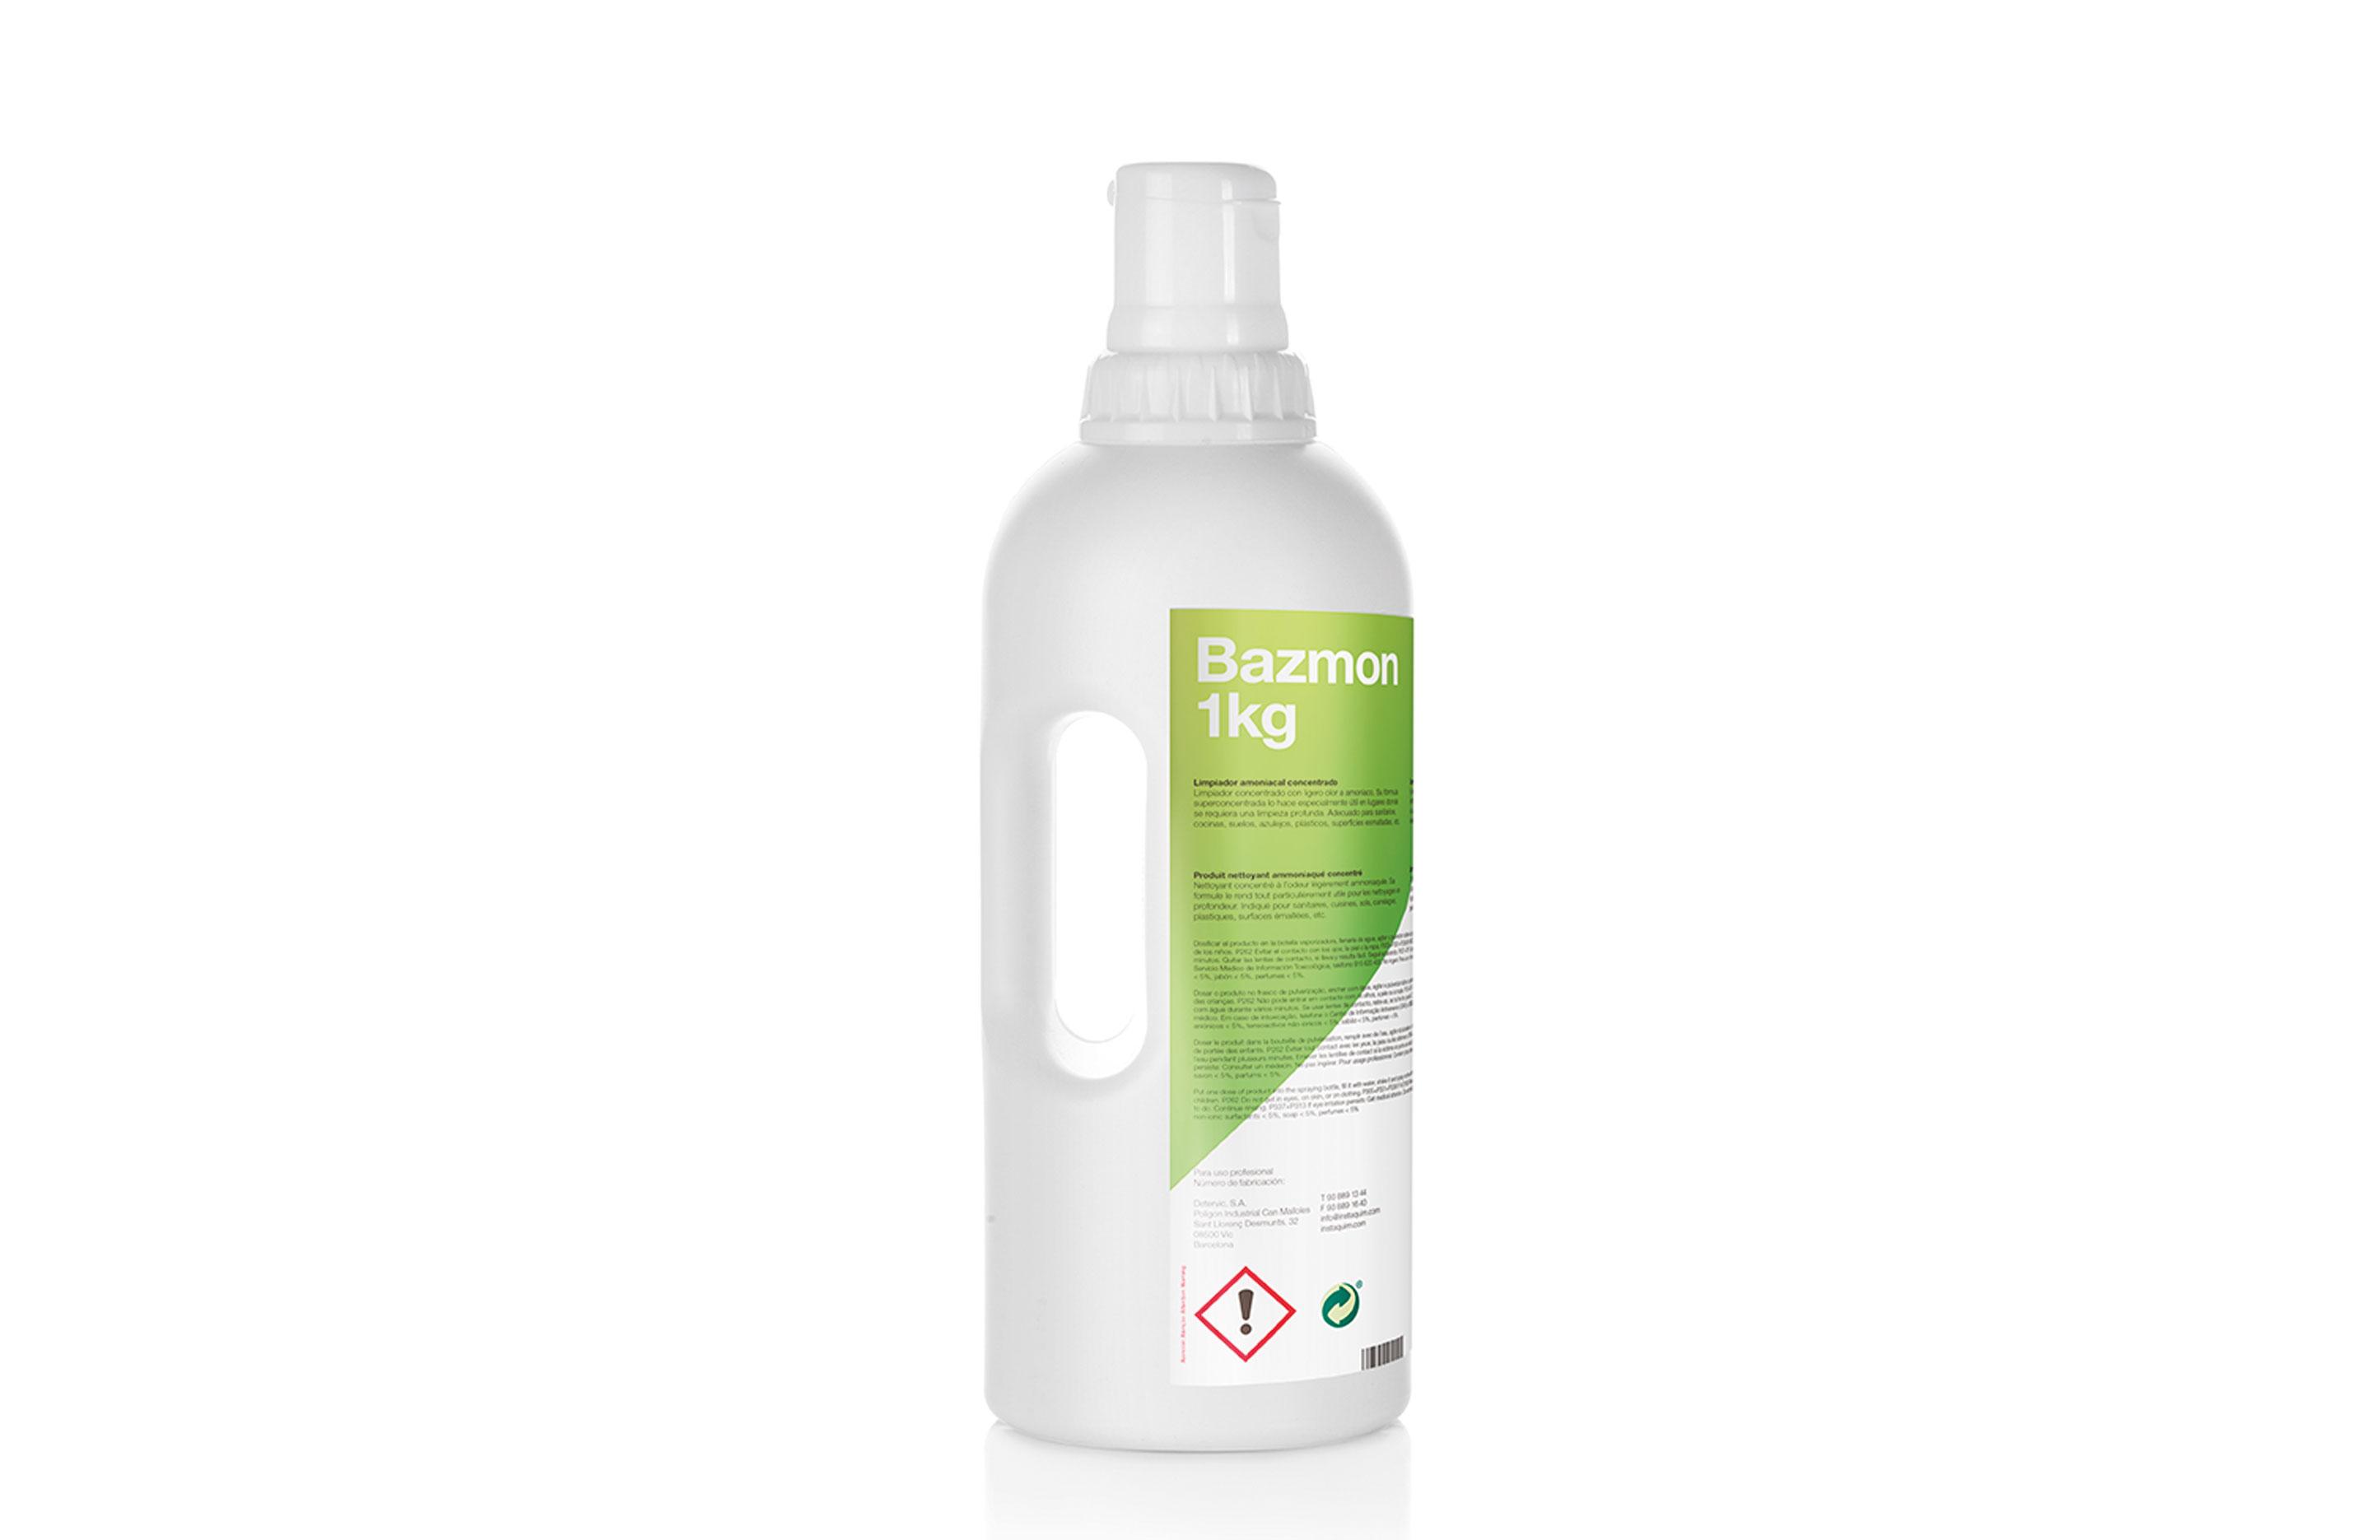 Bazmon, Produit nettoyant ammoniaqué concentré - Autodosis